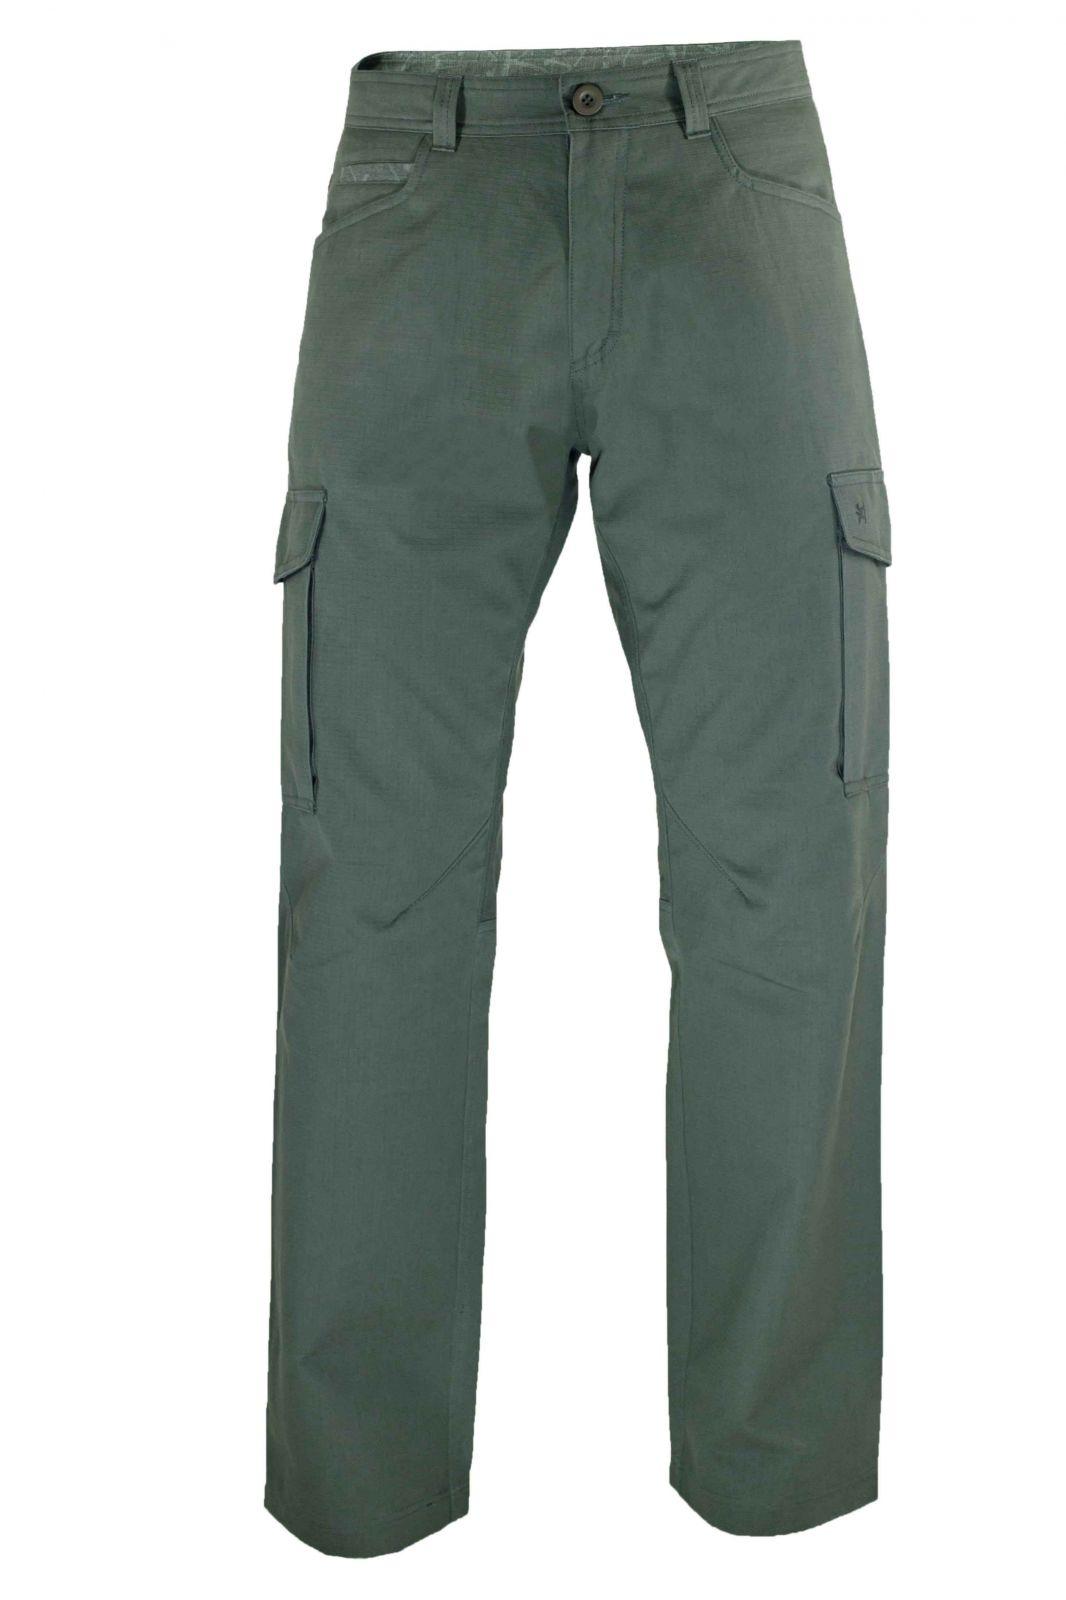 Outdoorix - Warmpeace Travers grey pánské kalhoty z vyšší gramáže